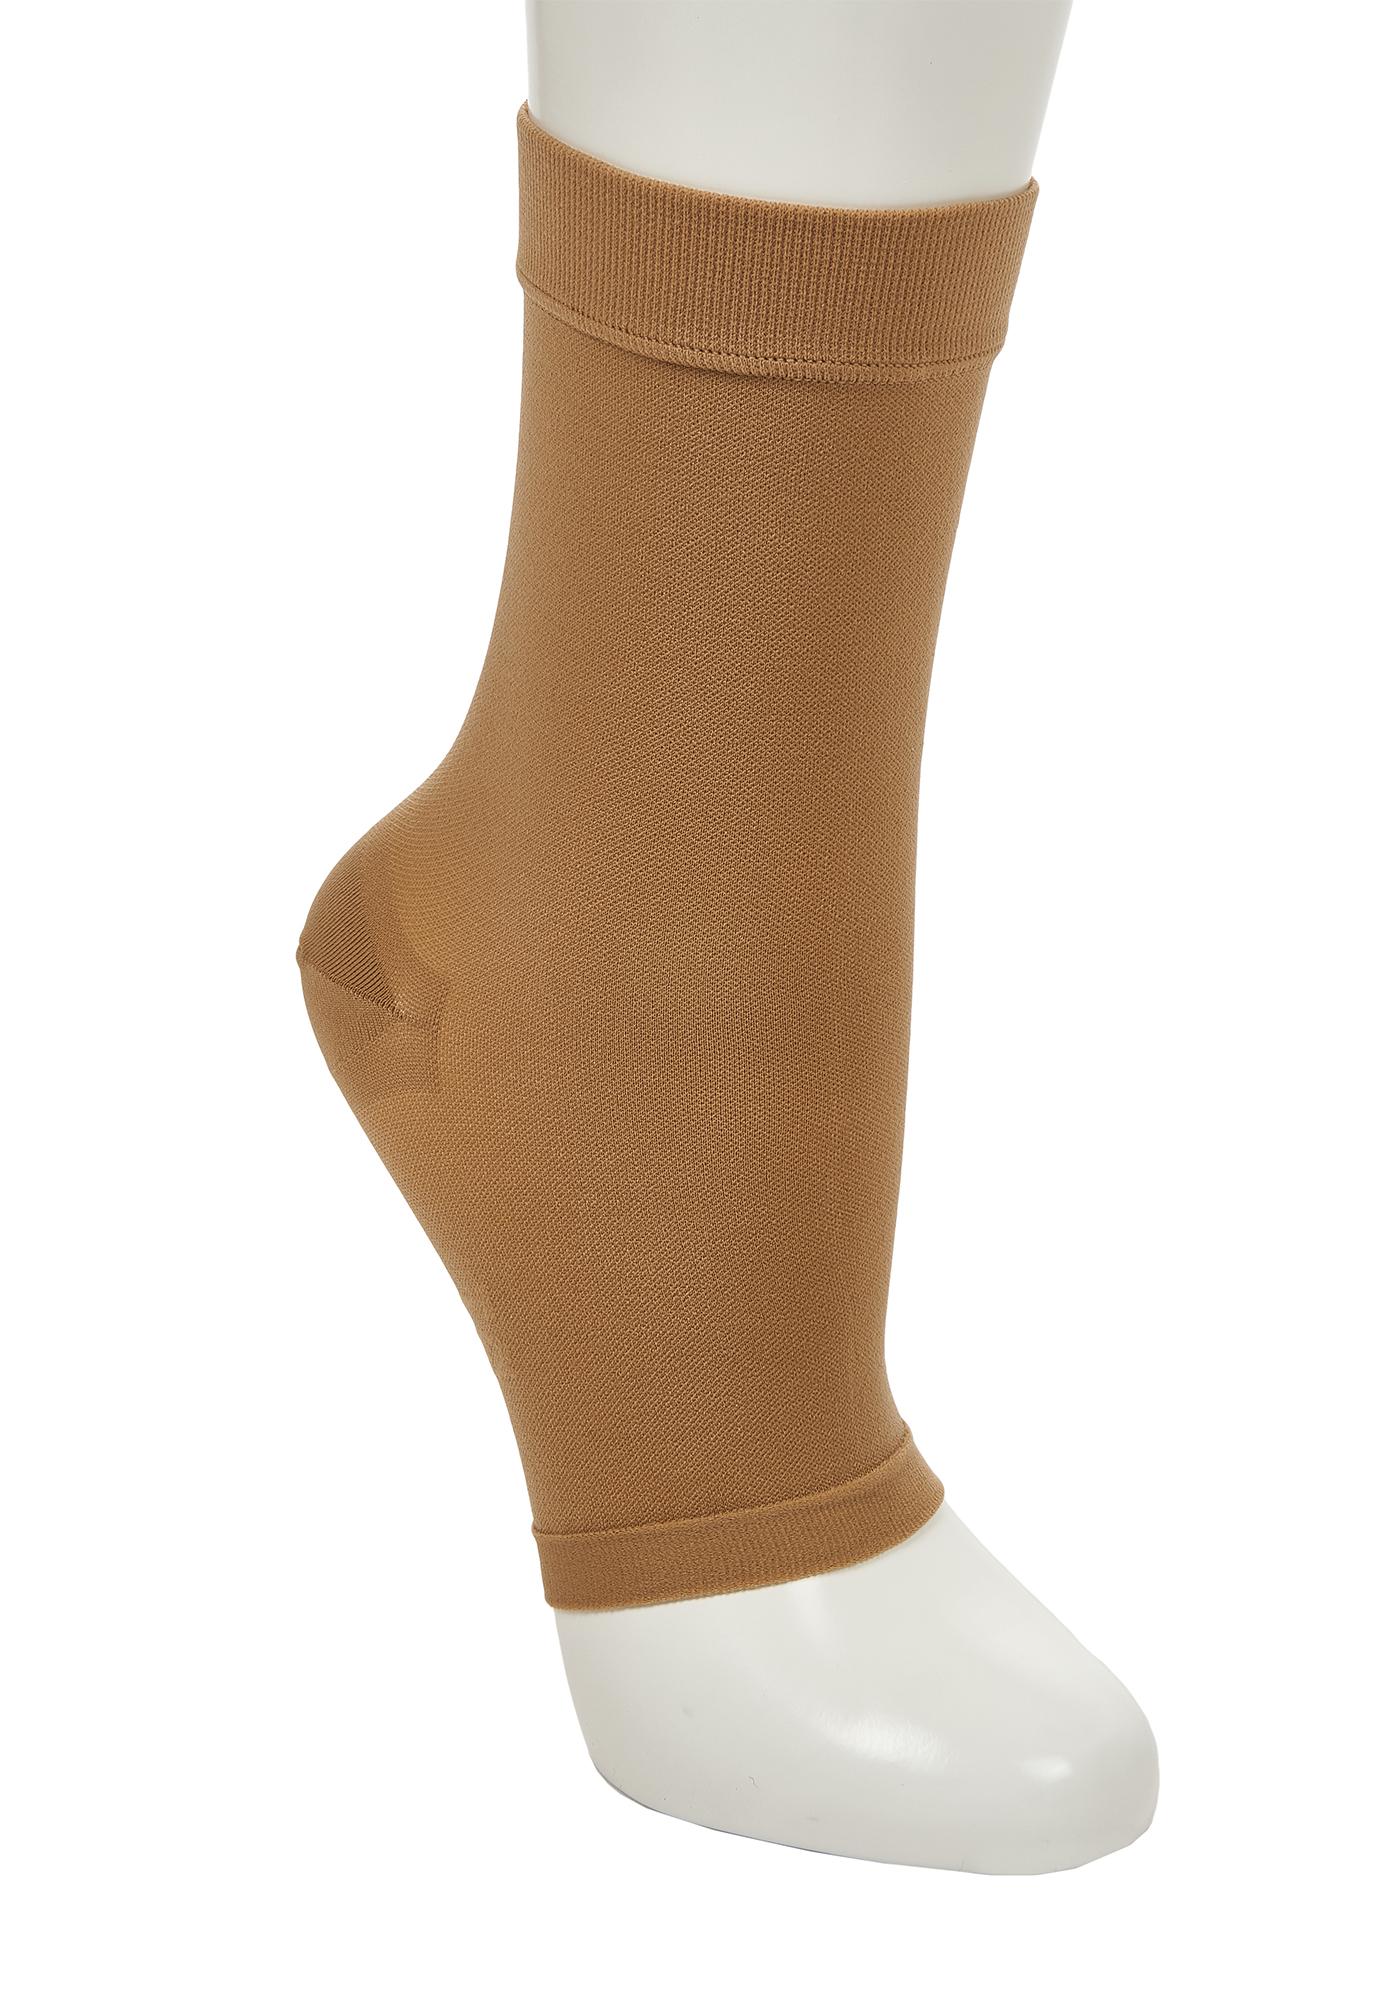 Бандаж компрессионный на голеностопный сустав ИНТЕКС профилактический